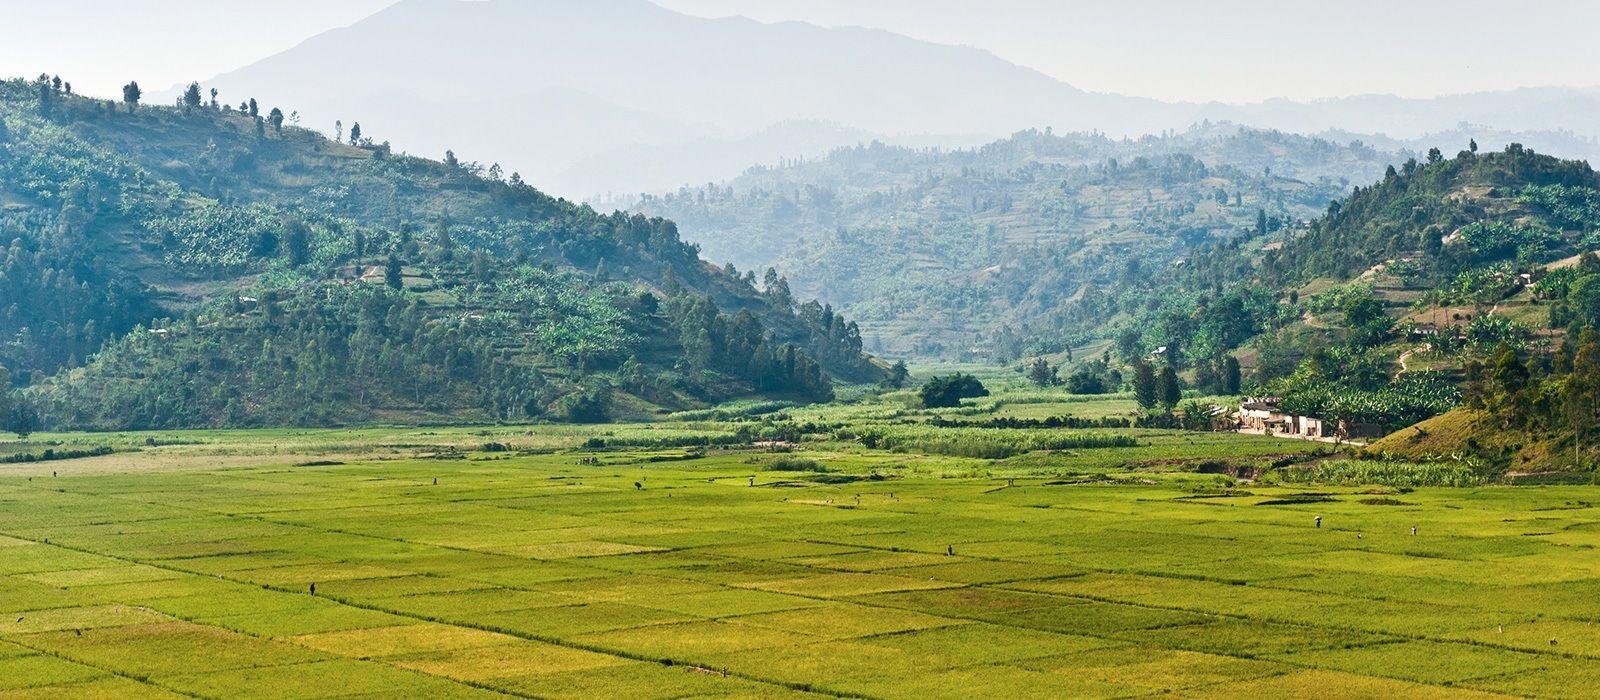 Gorilla Trekking in Rwanda Tour Trip 2